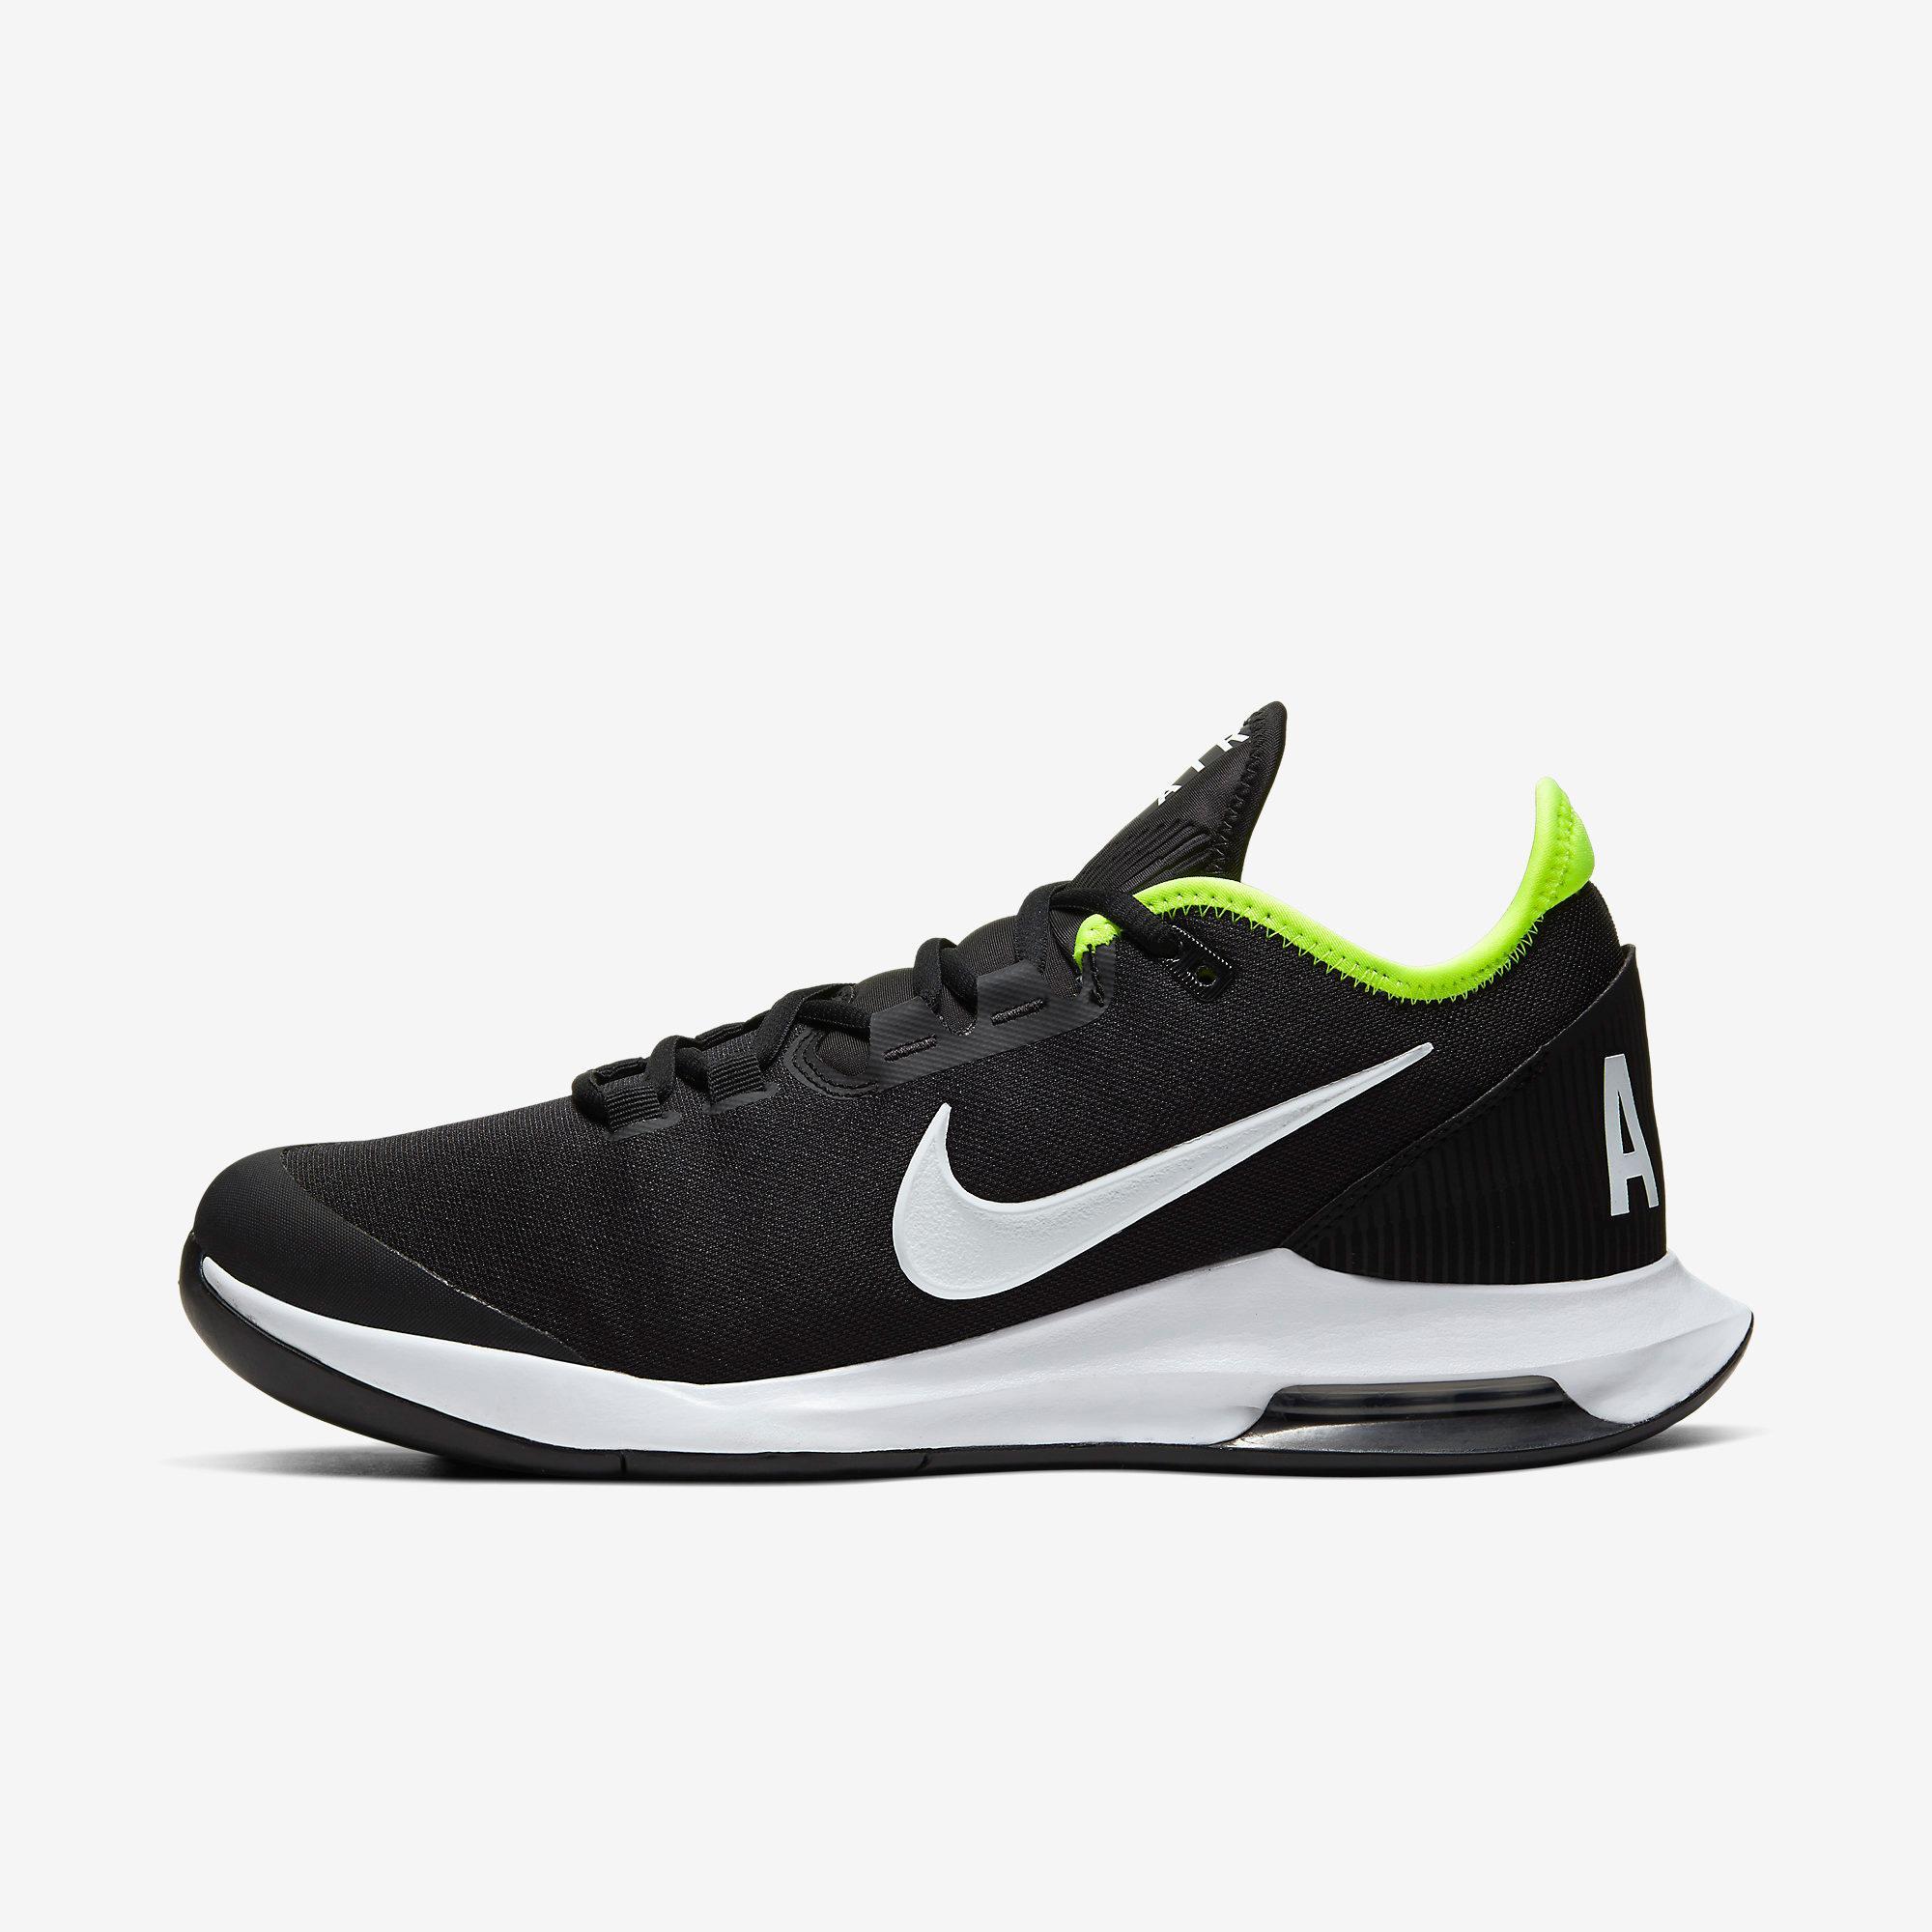 Nike Mens Air Max Wildcard Tennis Shoes - Black/White/Volt